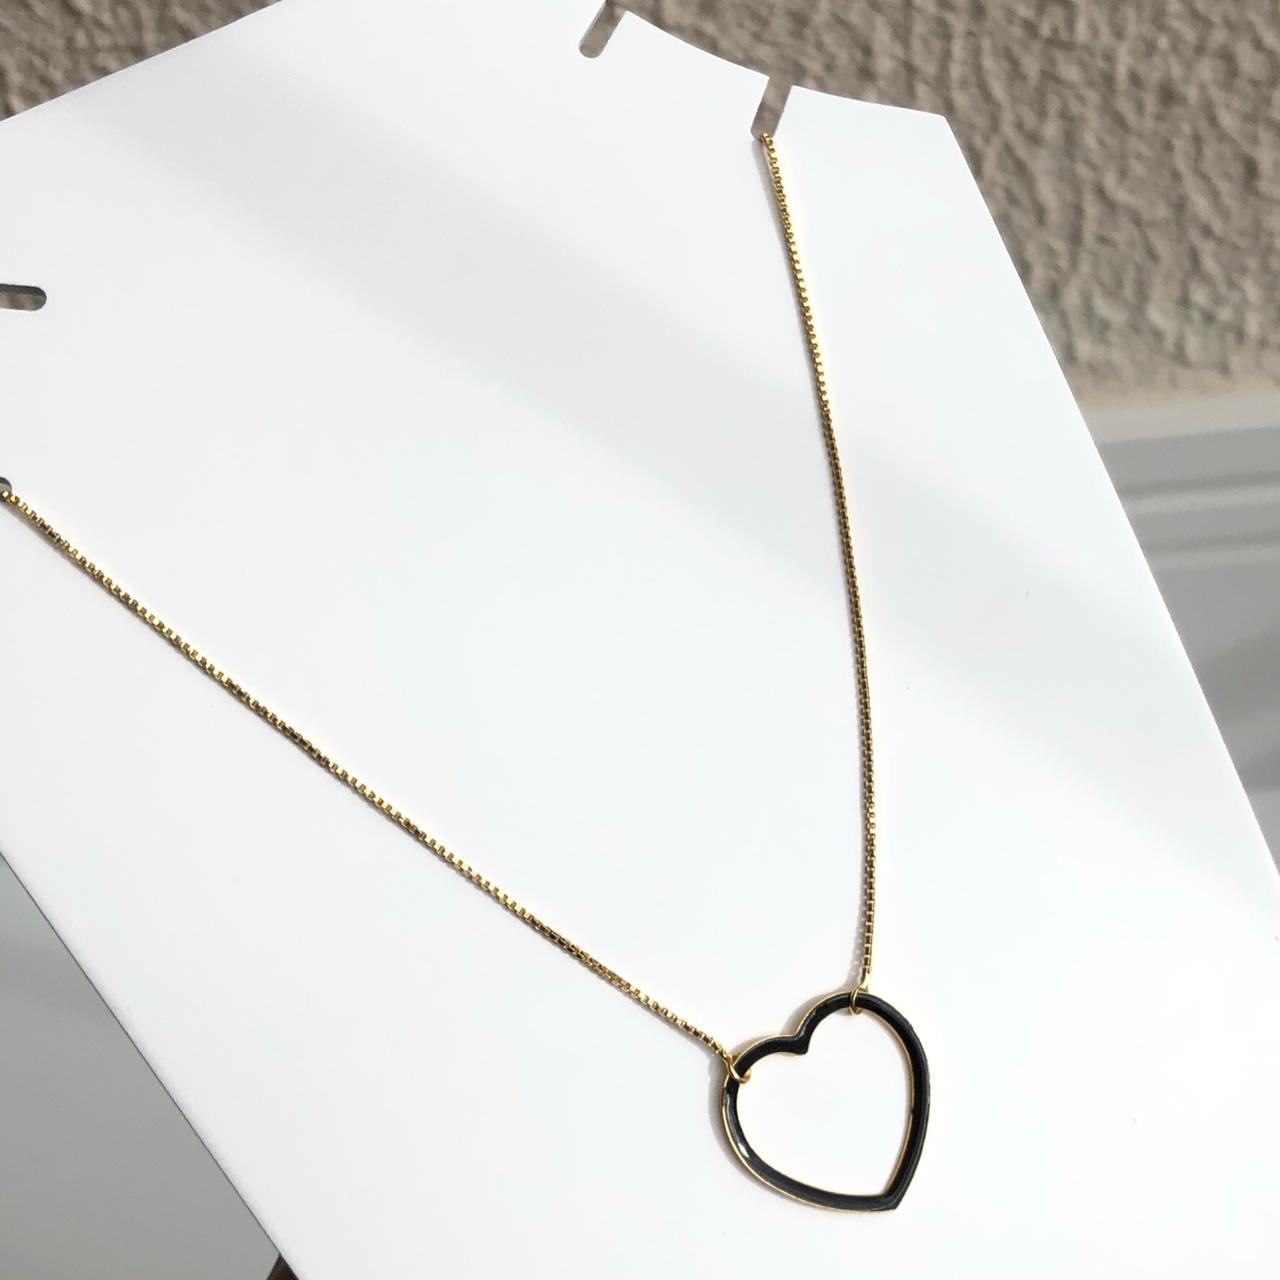 Colar folheado a ouro feminino coração vazado esmaltado preto fino